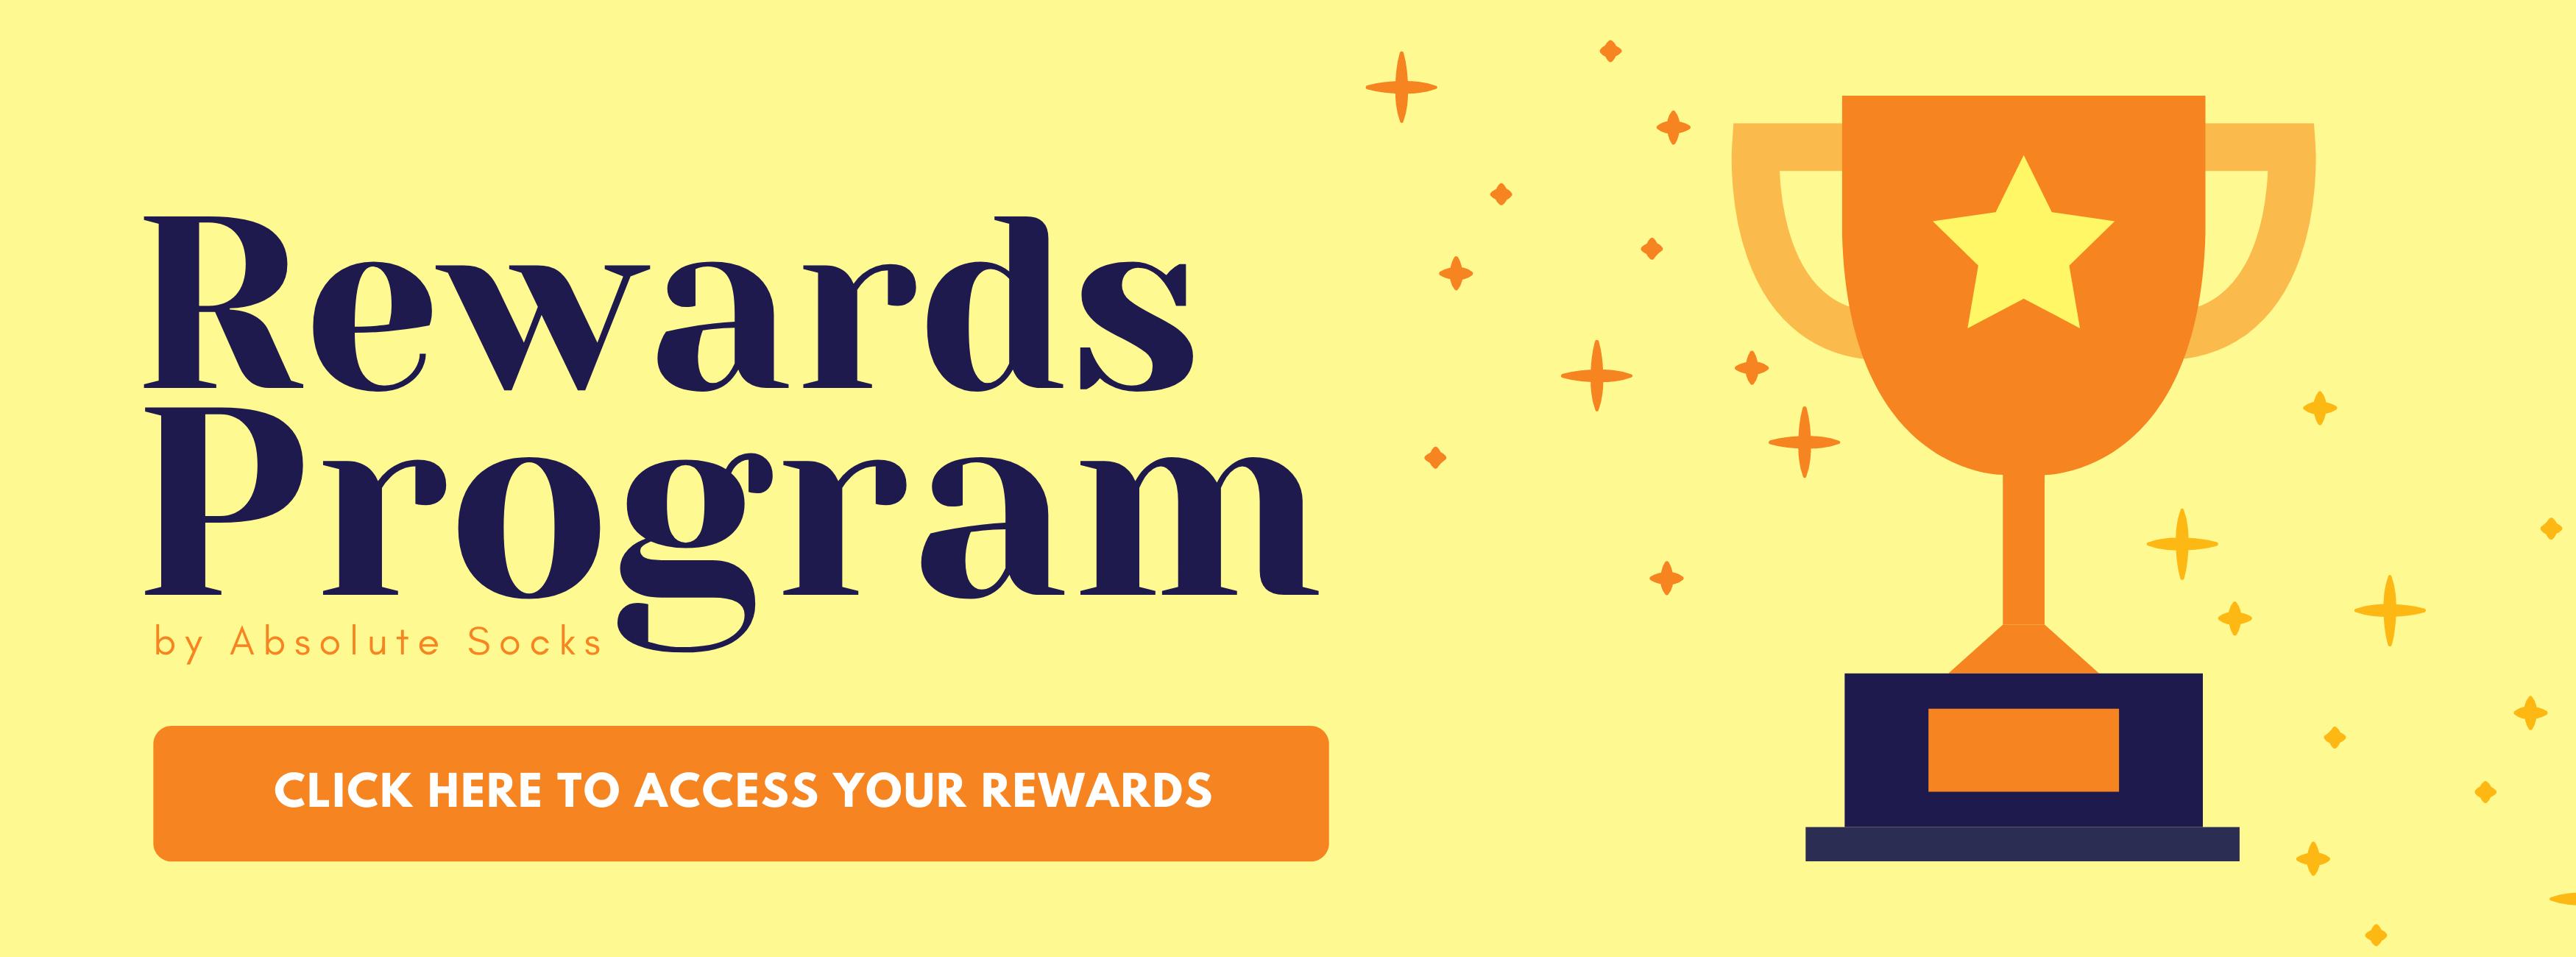 rewards-program-banner-1-.png